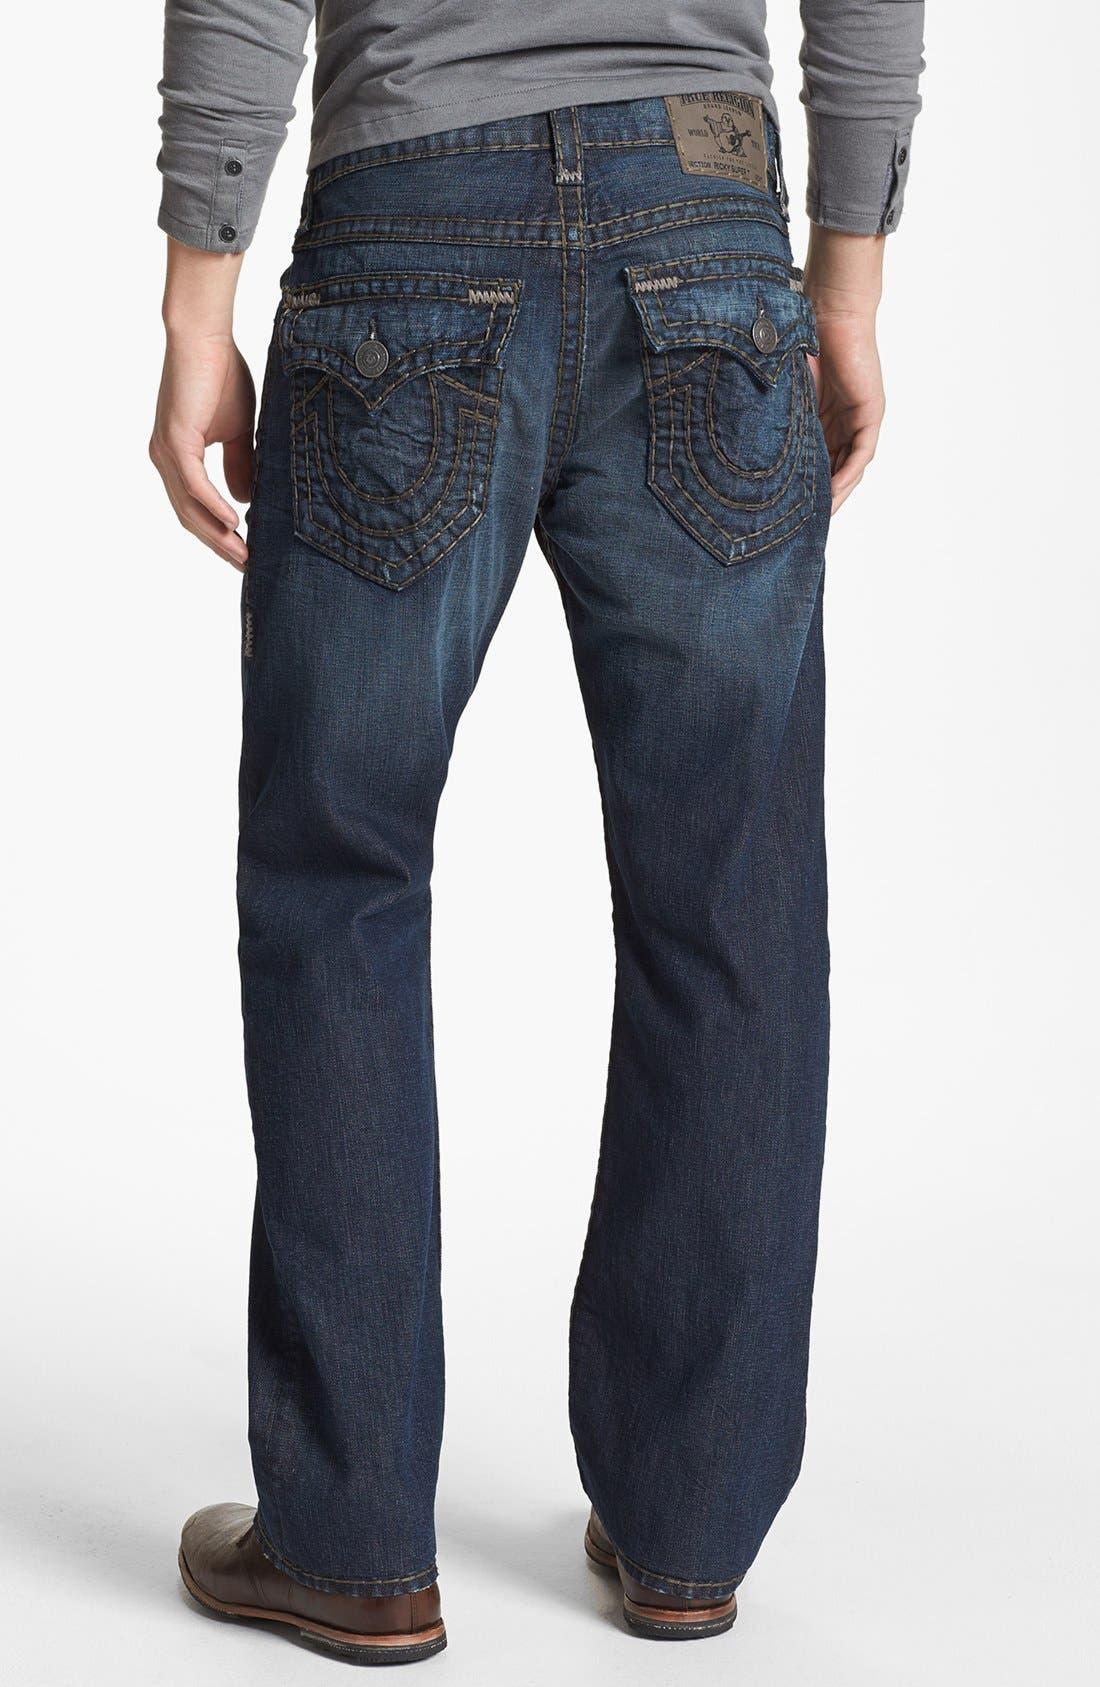 Main Image - True Religion Brand Jeans 'Ricky - Super T' Straight Leg Jeans (Asjd Breaking Grounds)